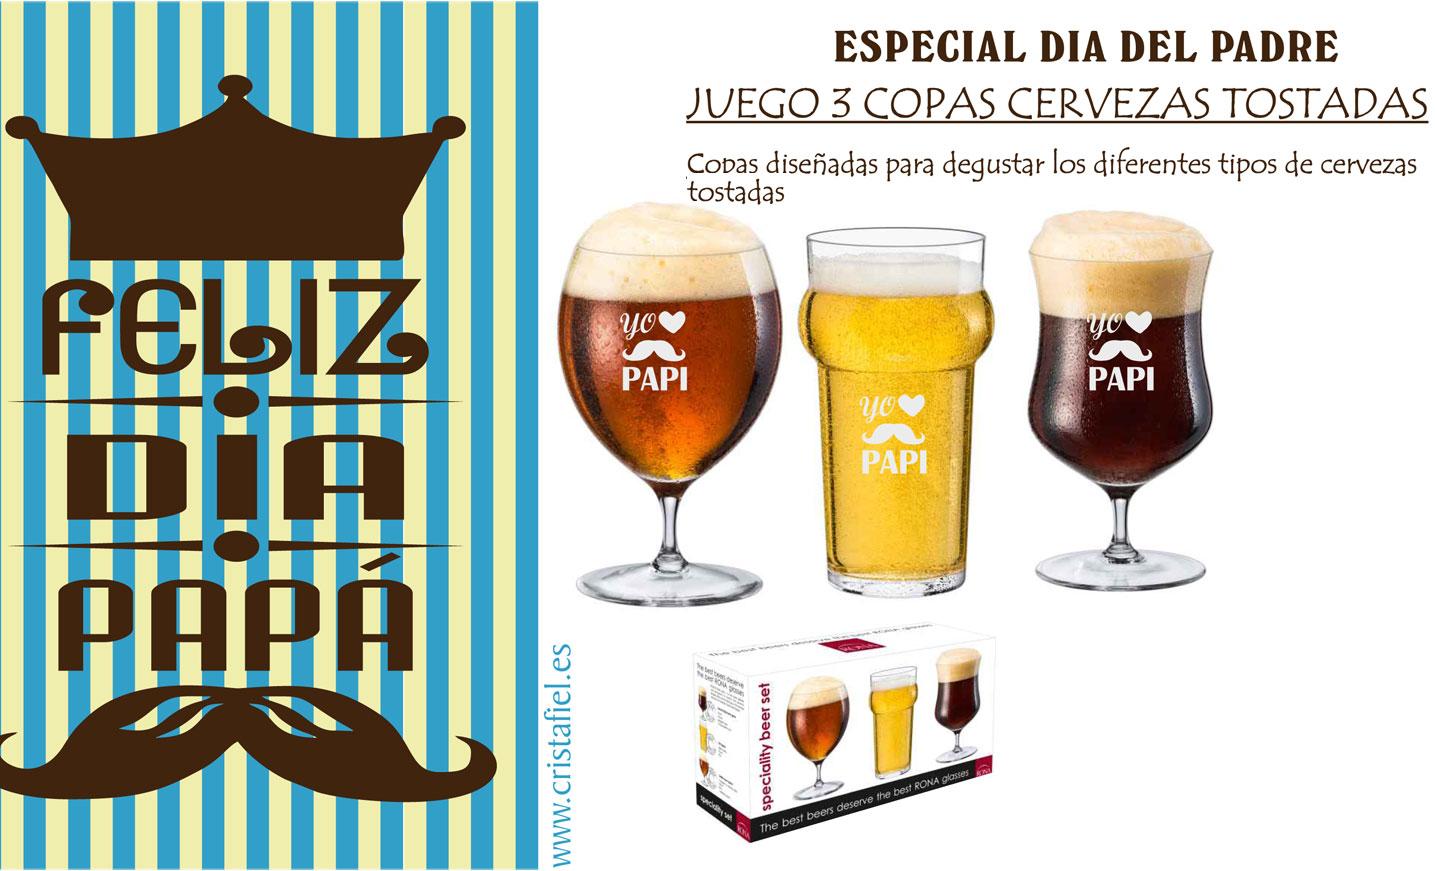 Cristafiel Juego 3 Copas de Cervezas Tostadas